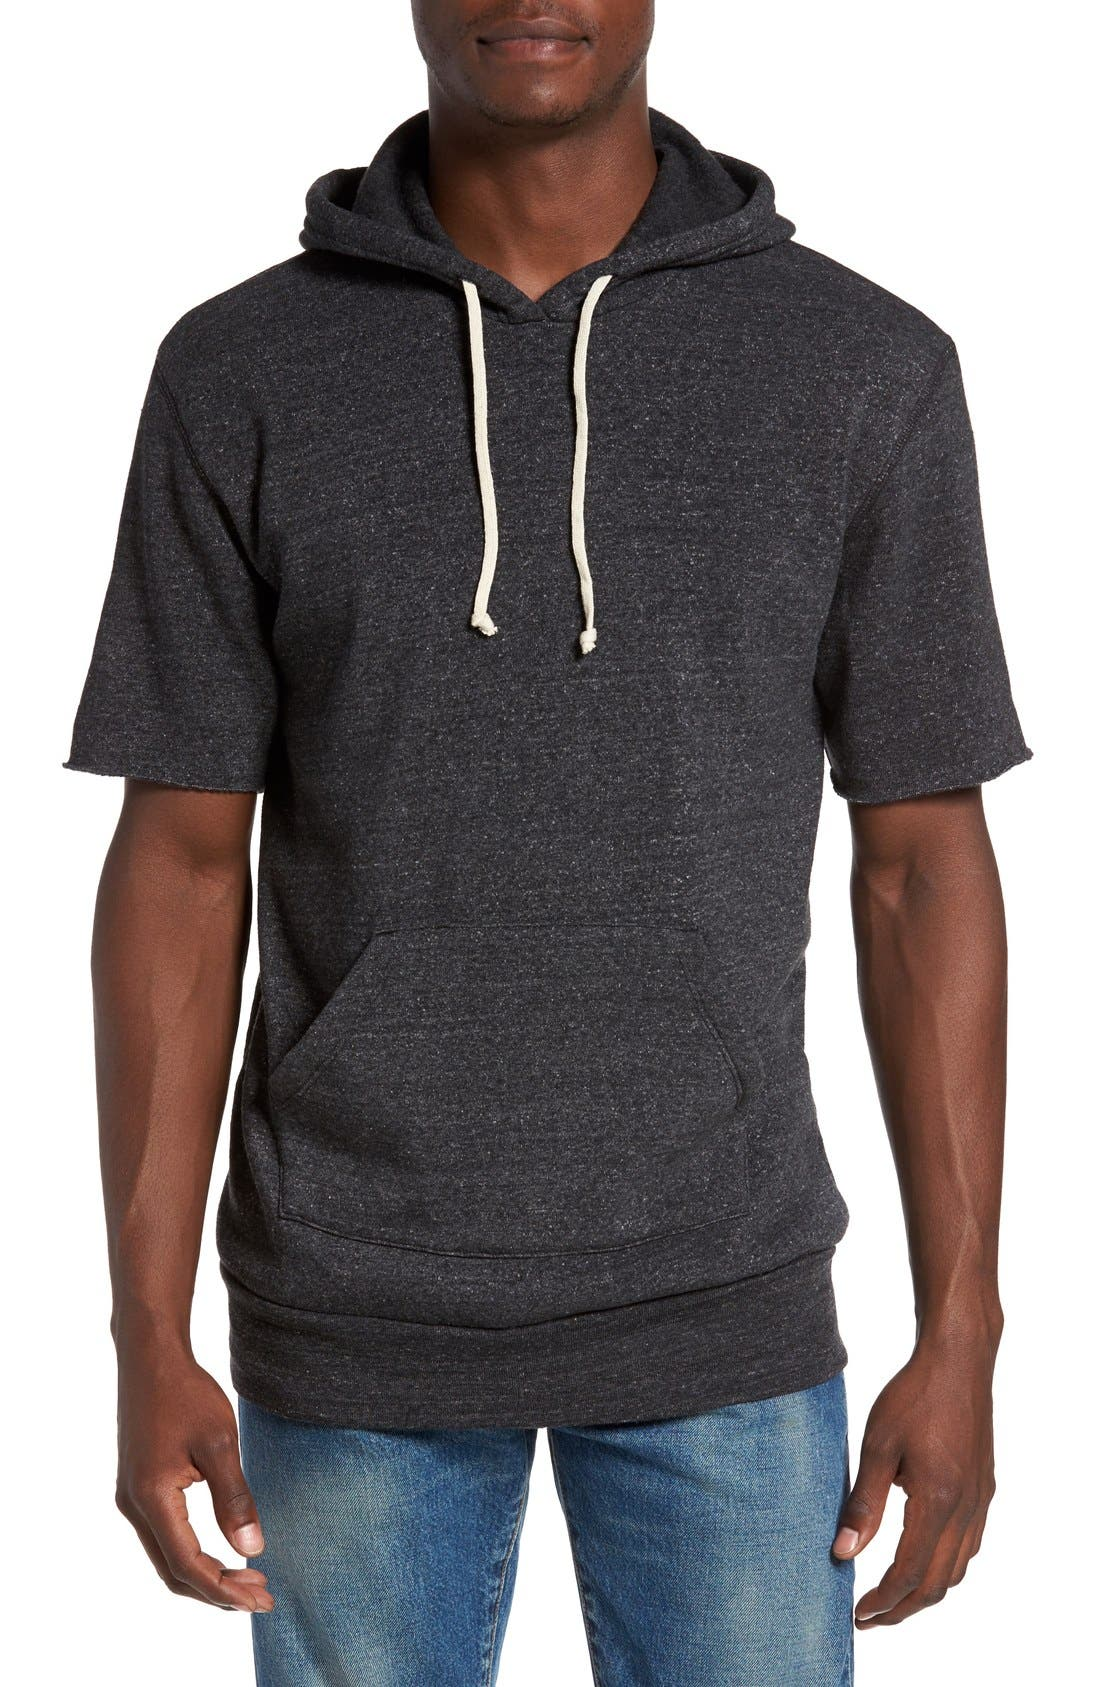 Main Image - Alternative Short Sleeve Hoodie